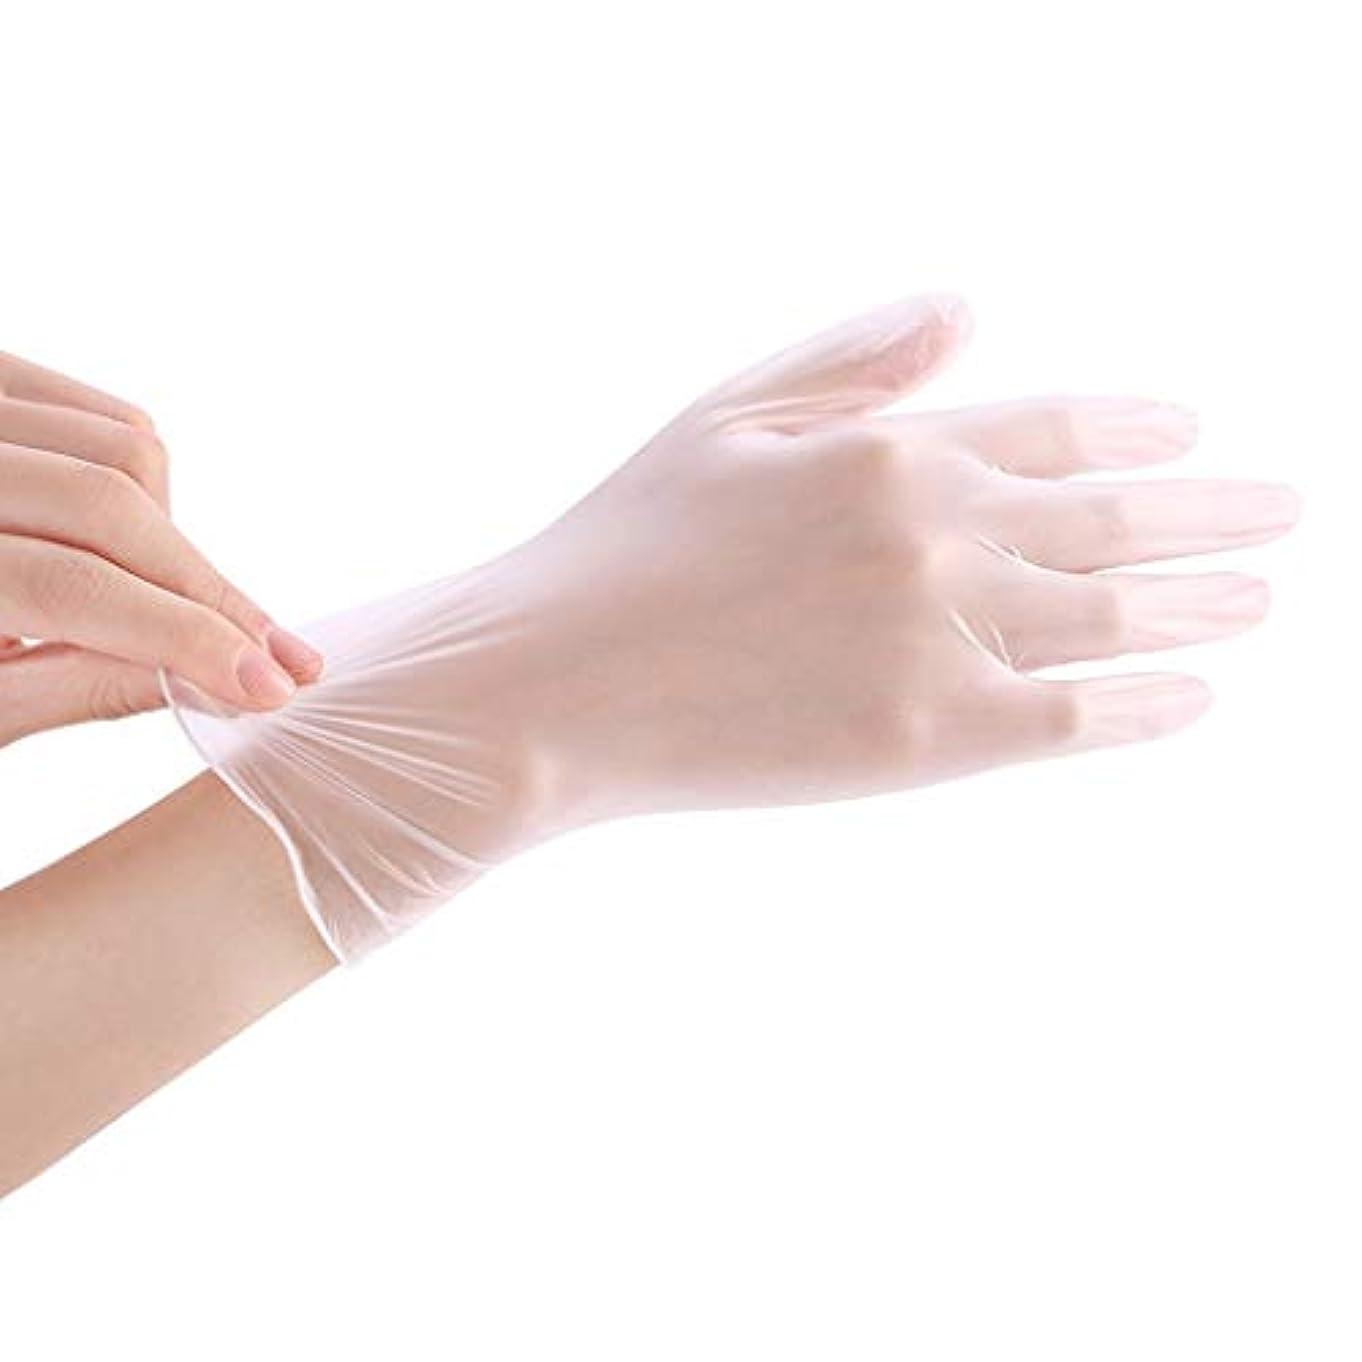 使い捨て透明食品ケータリンググレードPVC手袋美容キッチンベーキングフィルム手袋200 YANW (色 : トランスペアレント, サイズ さいず : L l)